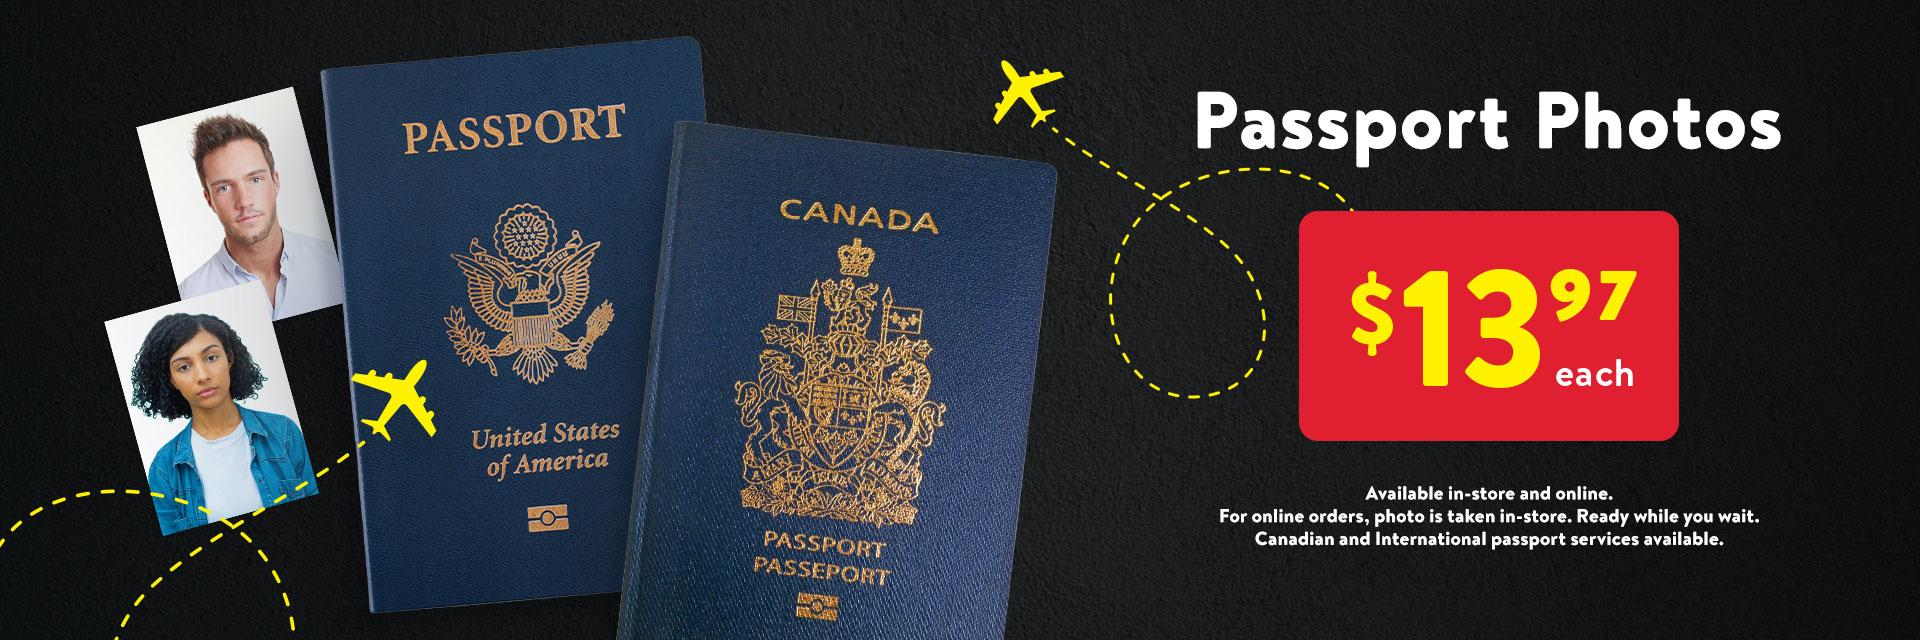 walmart, walmart photo centre, passport photo